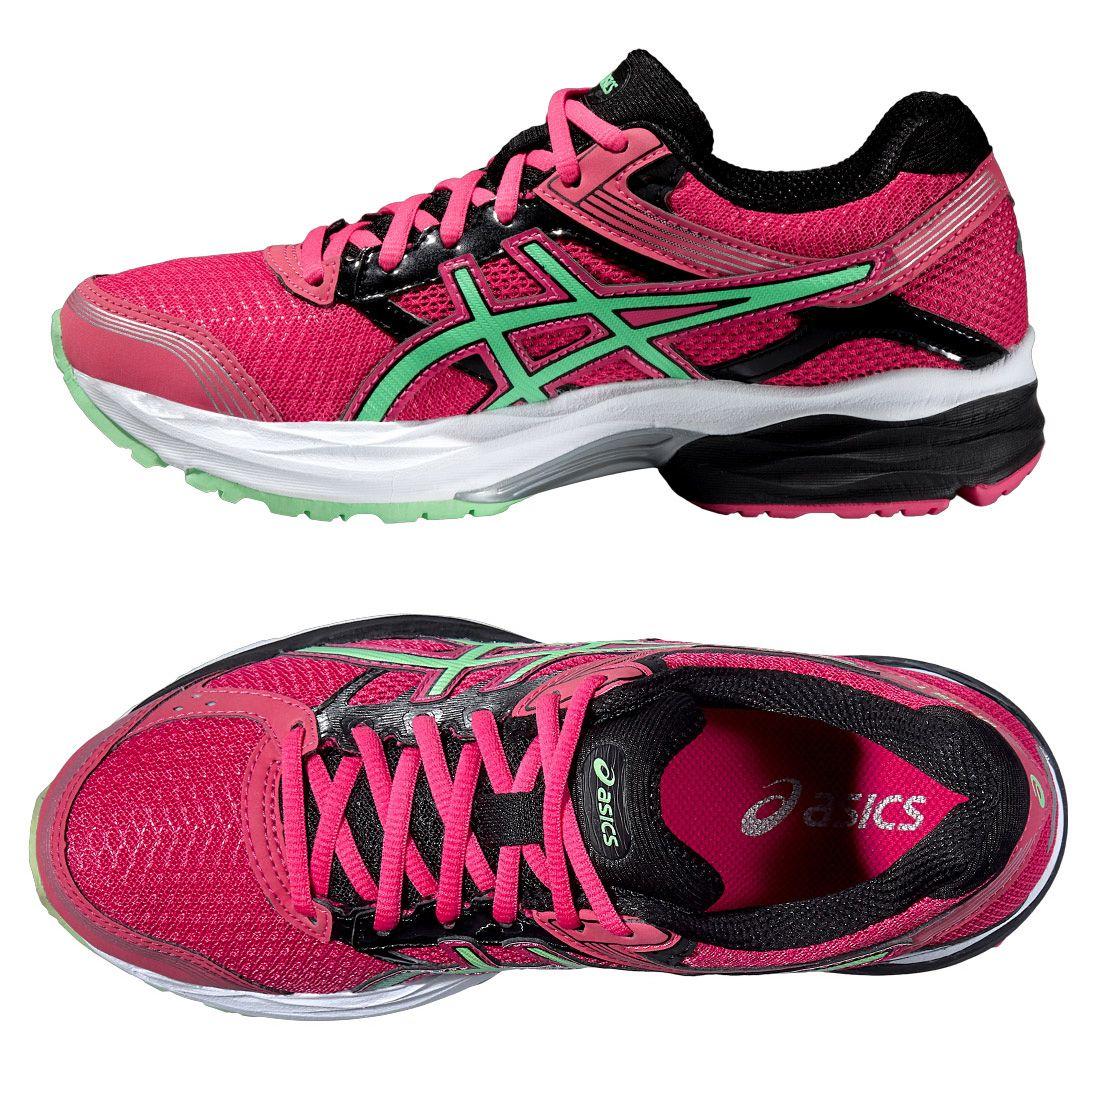 Nike 1 Pegasus33 Gray Running Shoes - Buy Nike 1 Pegasus33